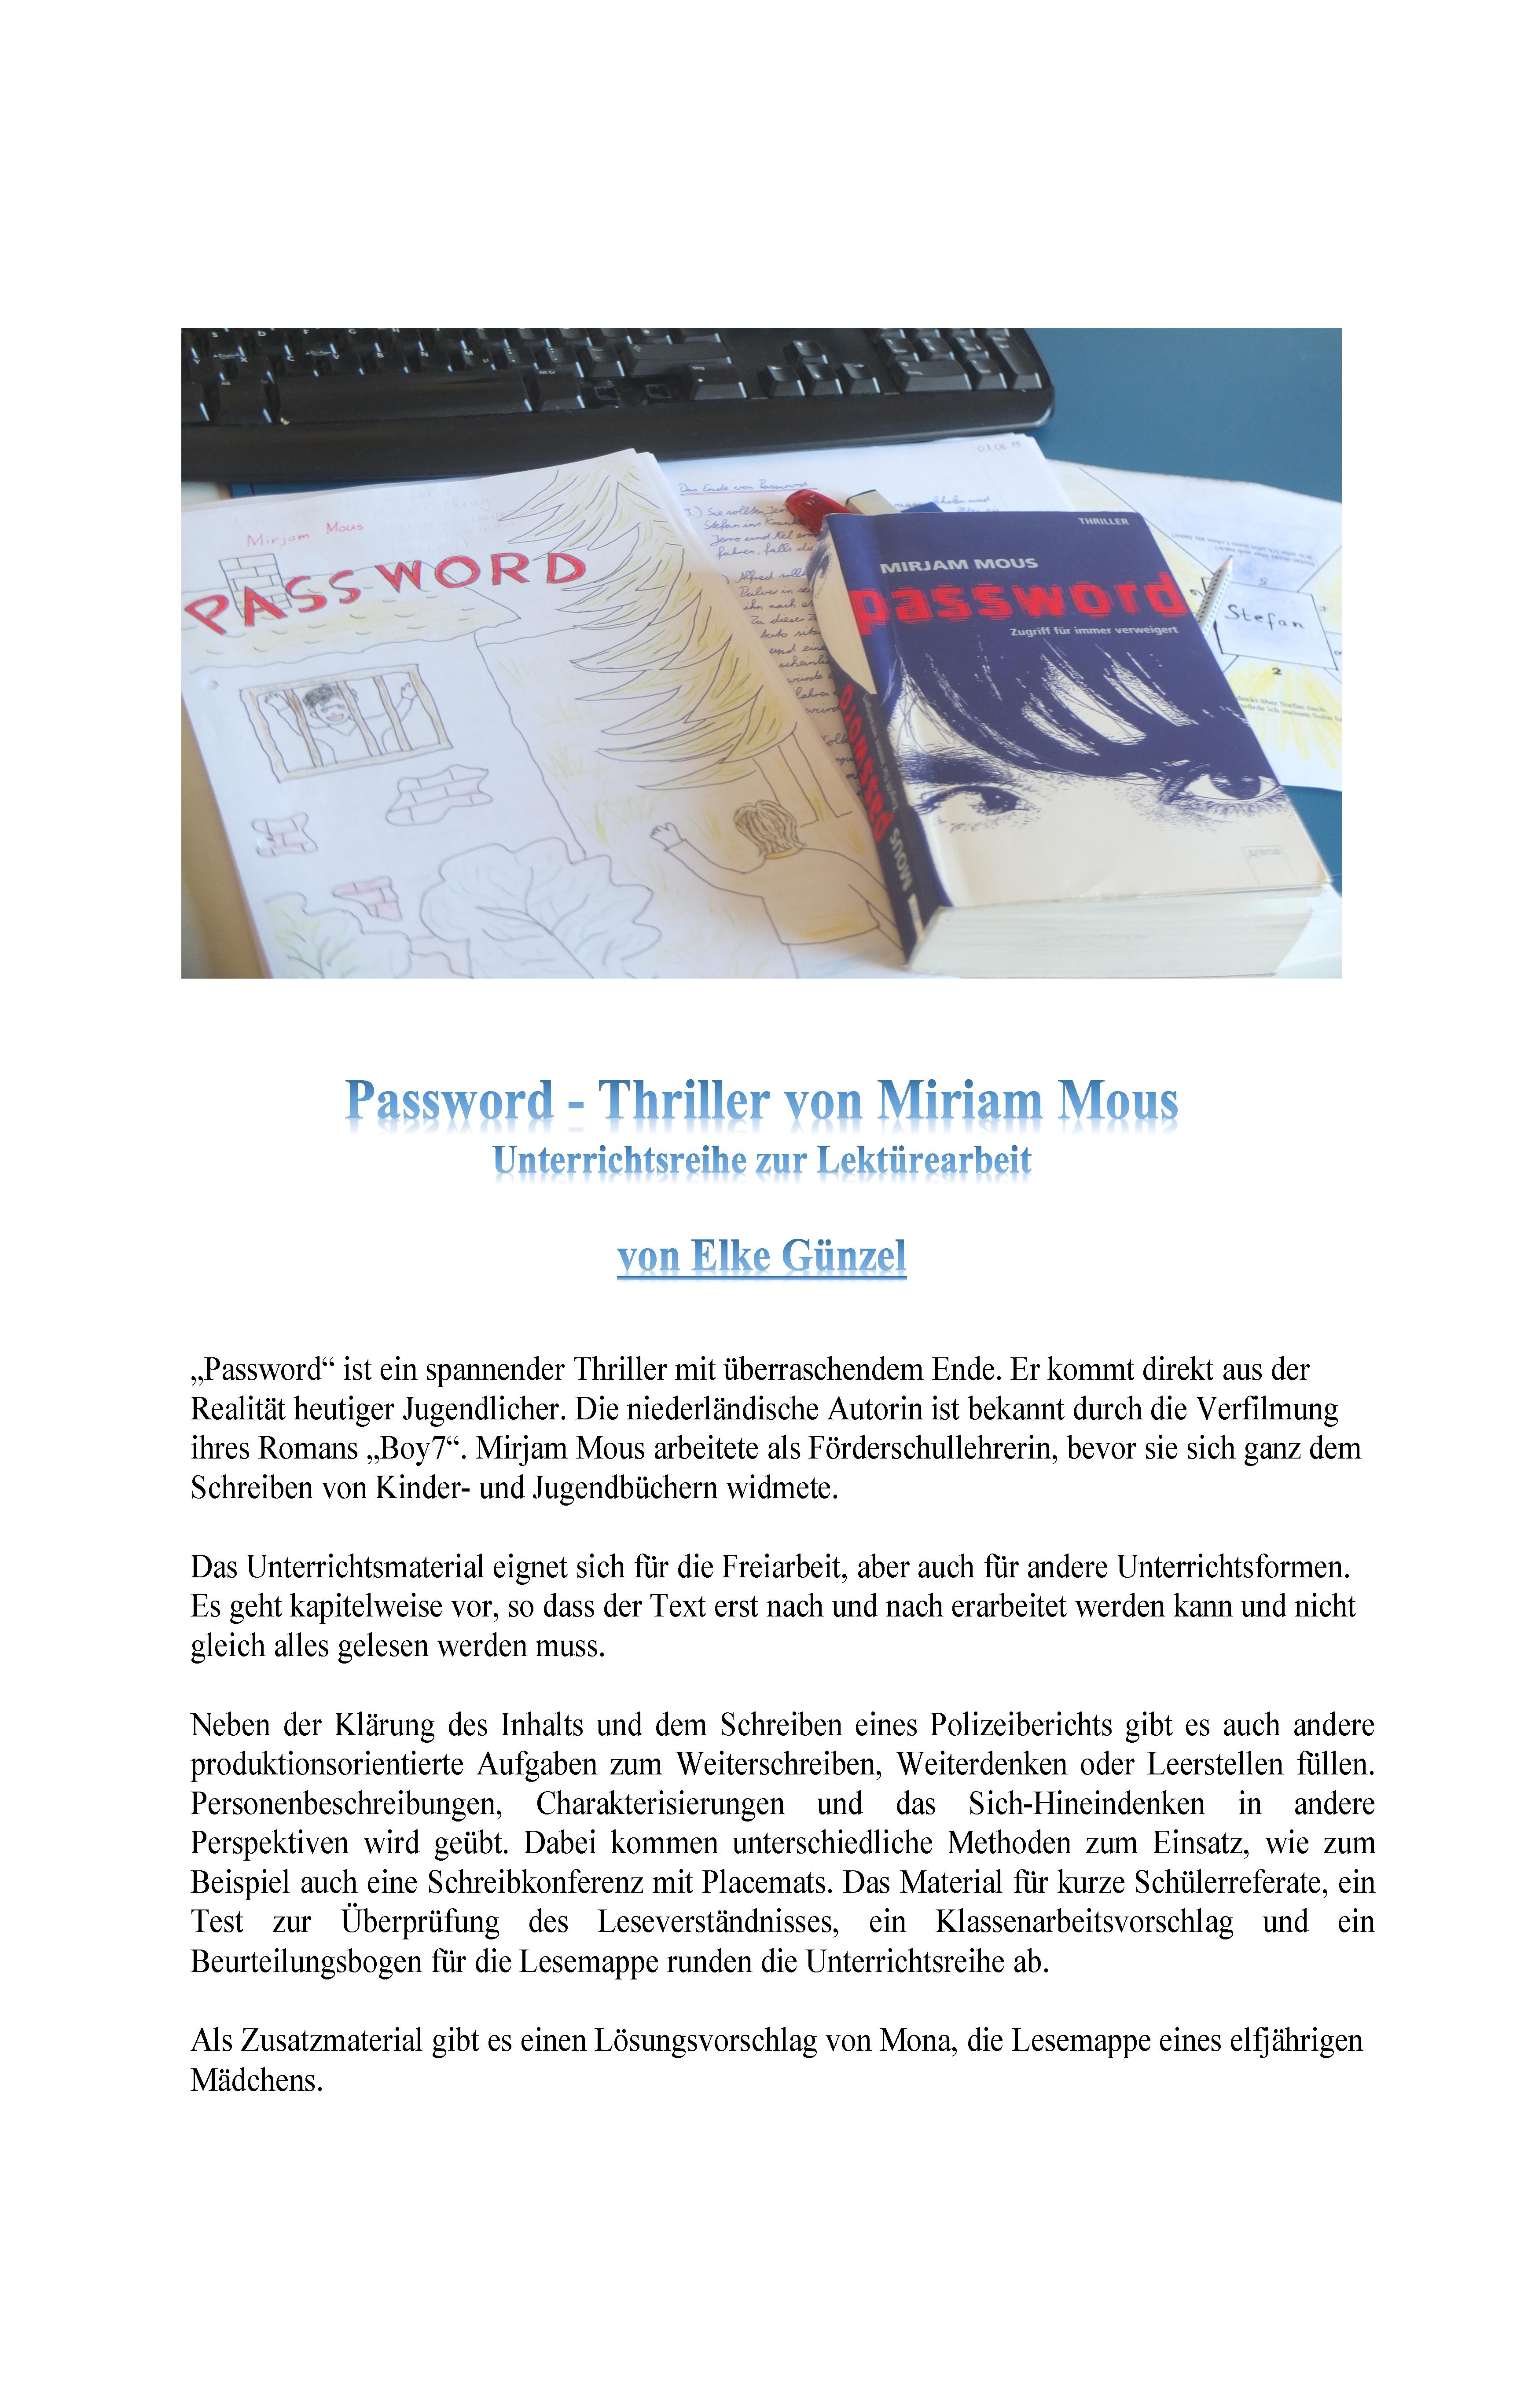 Deutsch Lekture Passwort Von Mirjam Mous In 2020 Deutsch Unterricht Unterrichtsmaterial Lehrmaterial